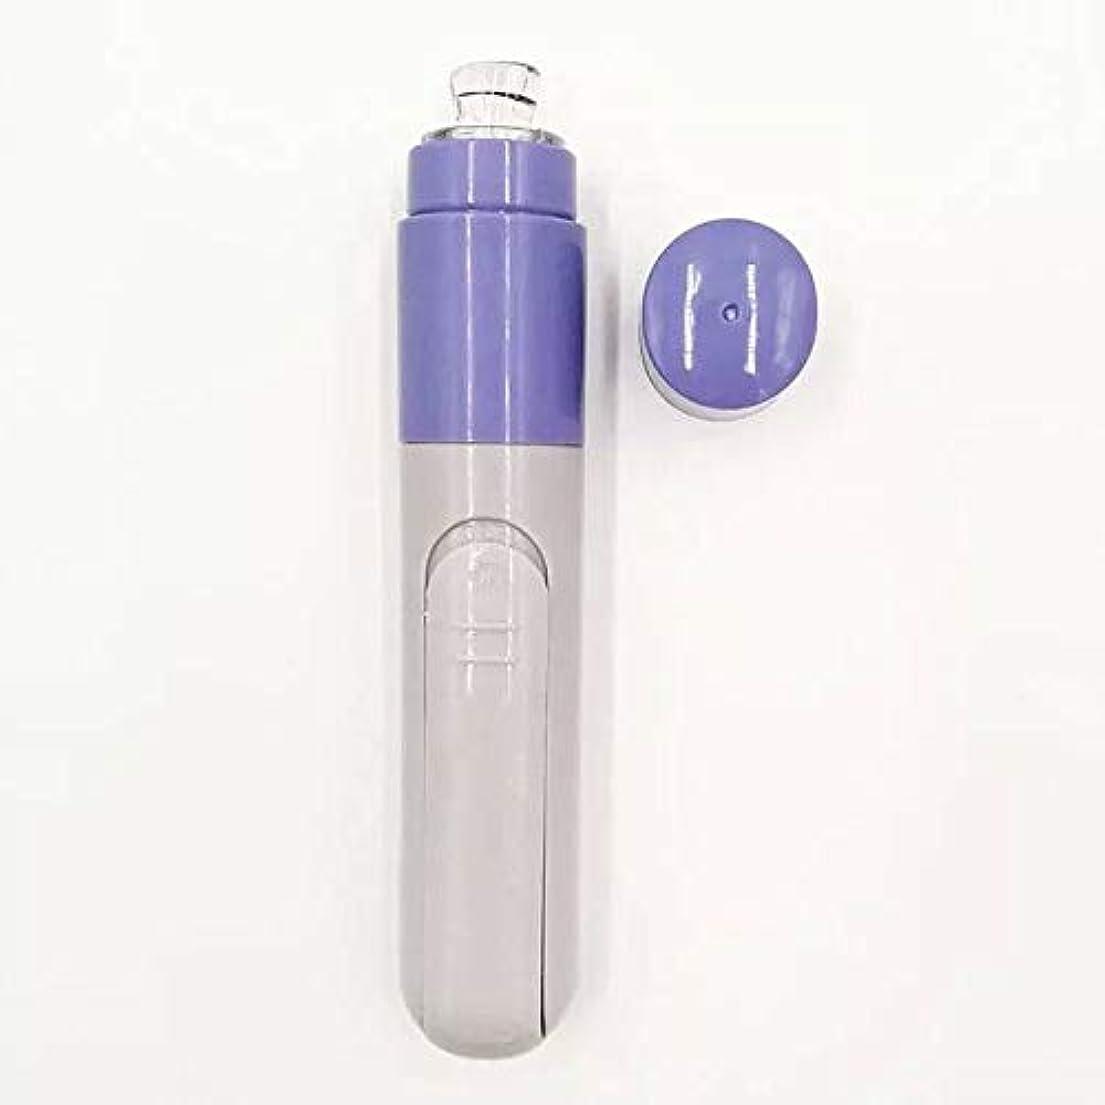 ハーブ袋提供するにきび除去剤、毛穴クリーナー - にきび用器具 - にきび用器具 - にきび(バッテリーなしで5番目の電池式)